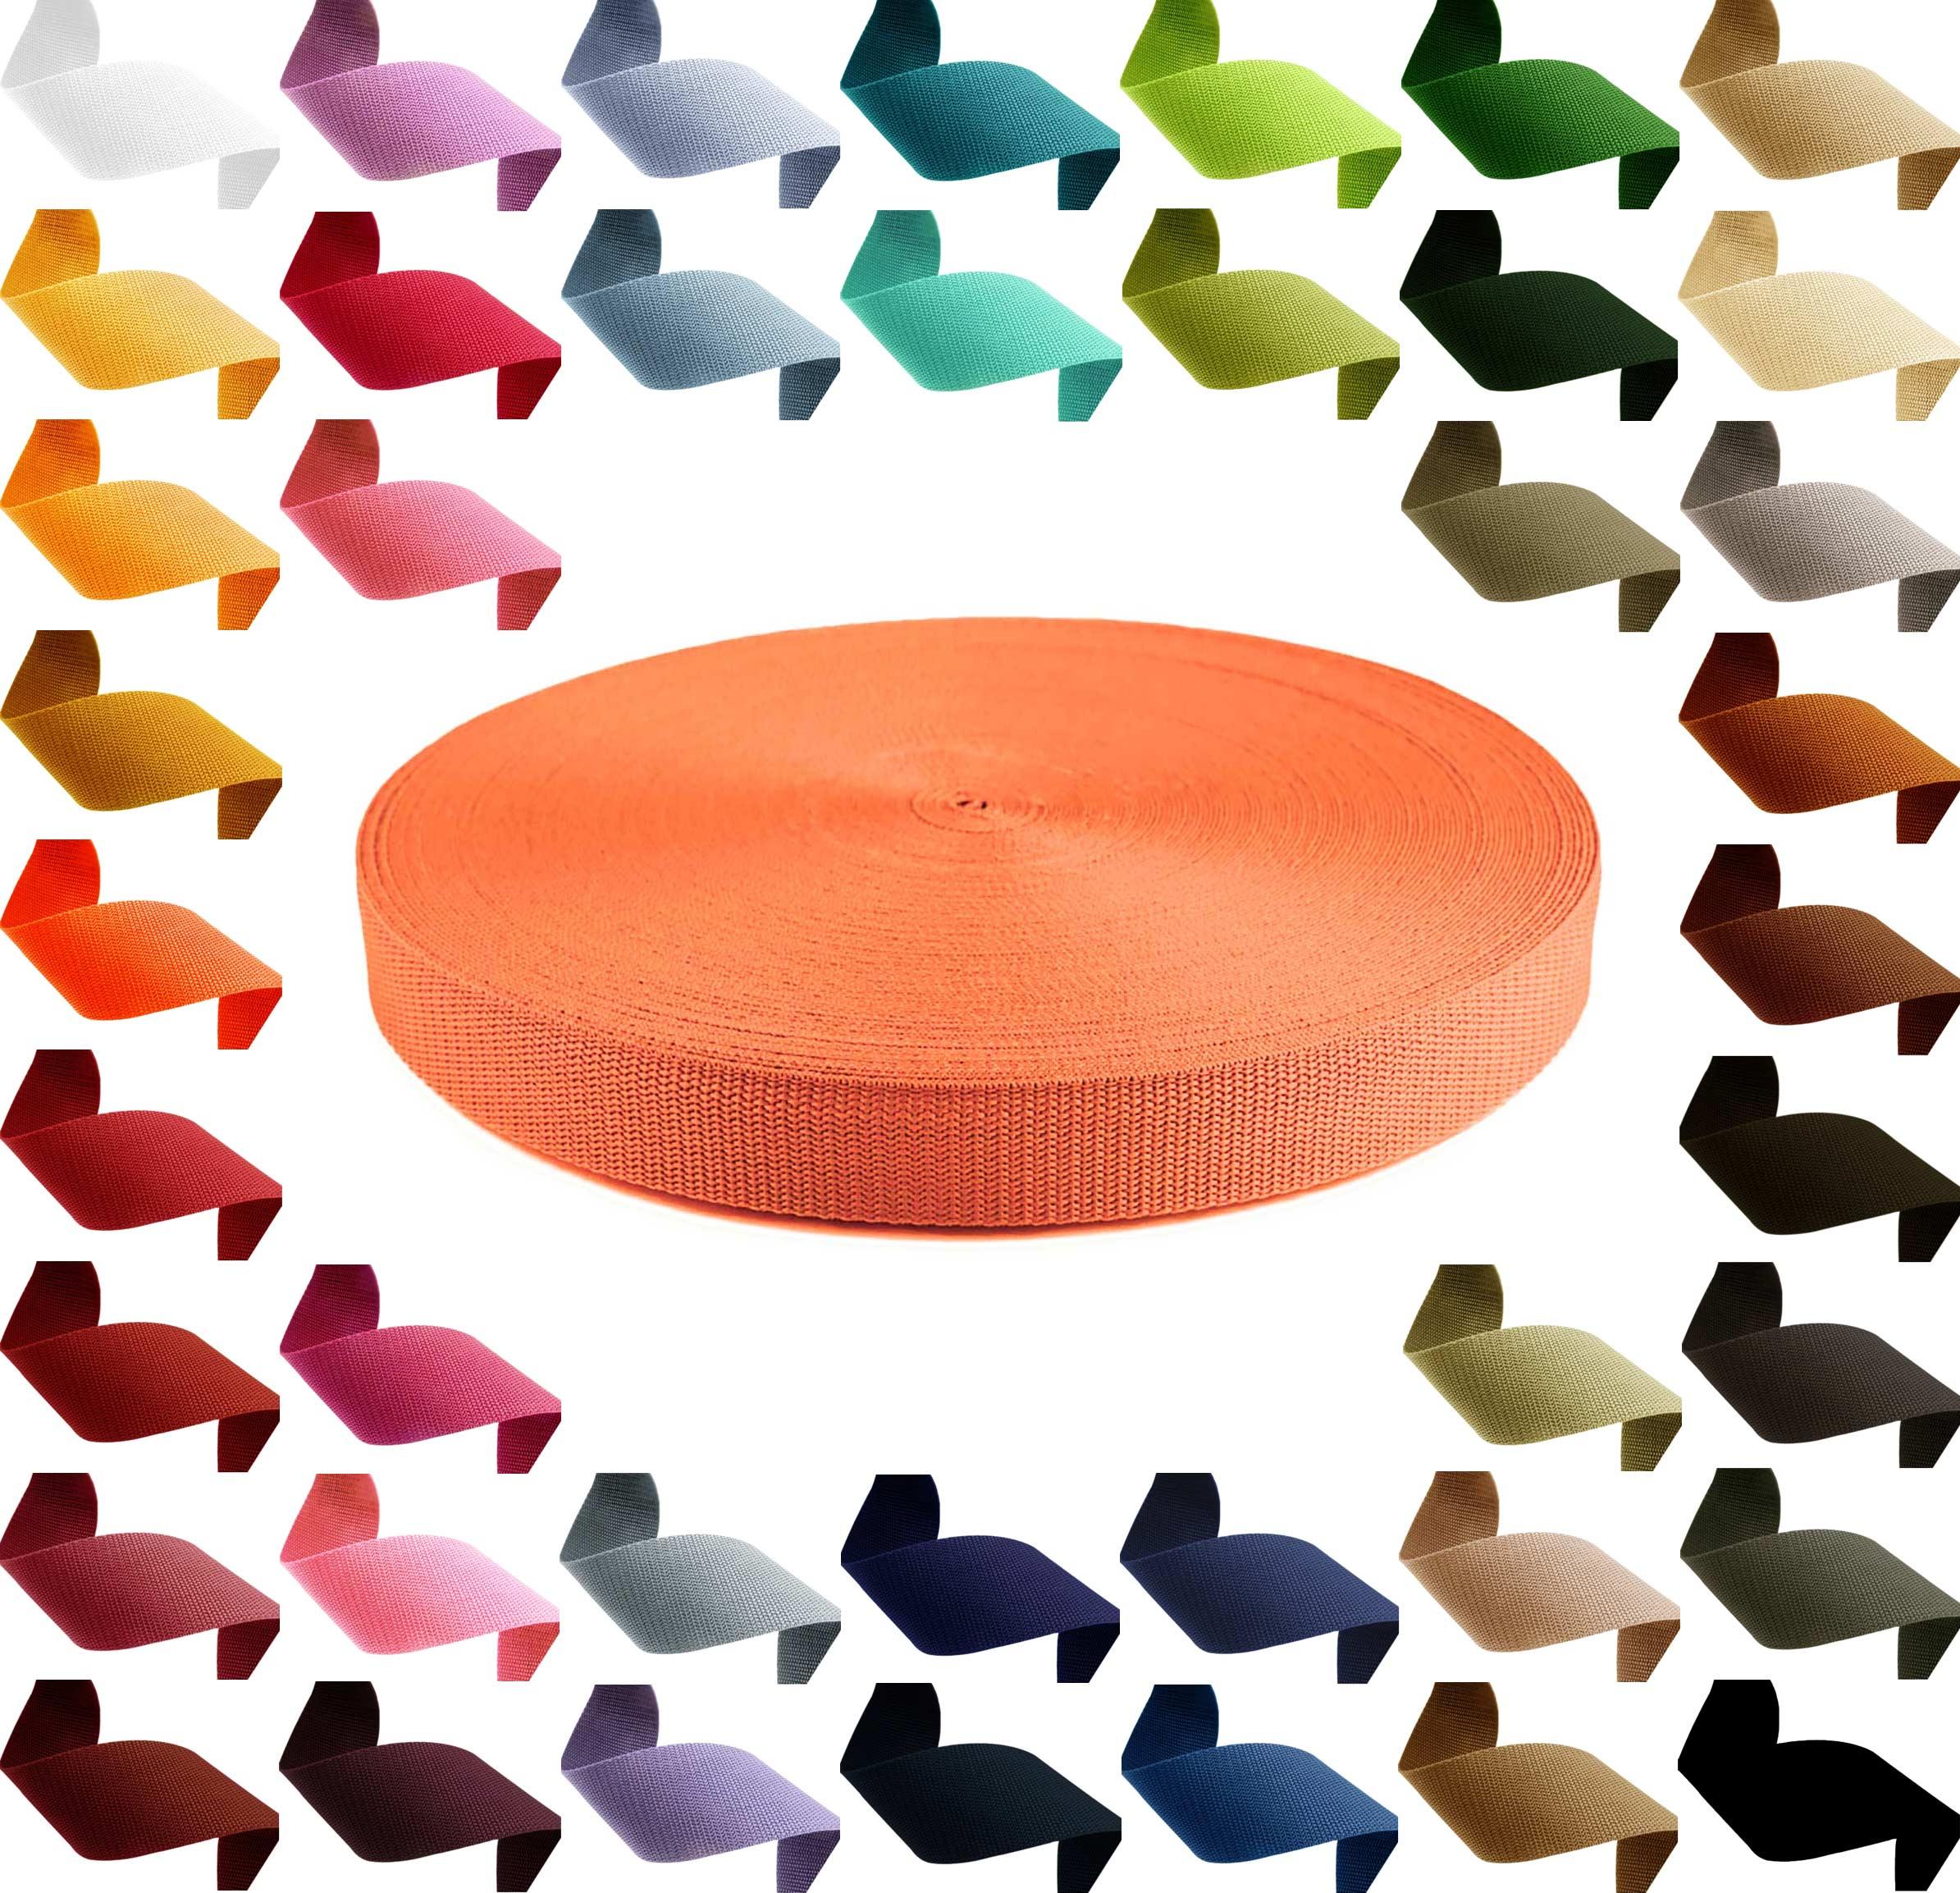 12m PP Gurtband, Polypropylen, 30mm breit, 1,3mm stark, Farbwahl – Bild 4